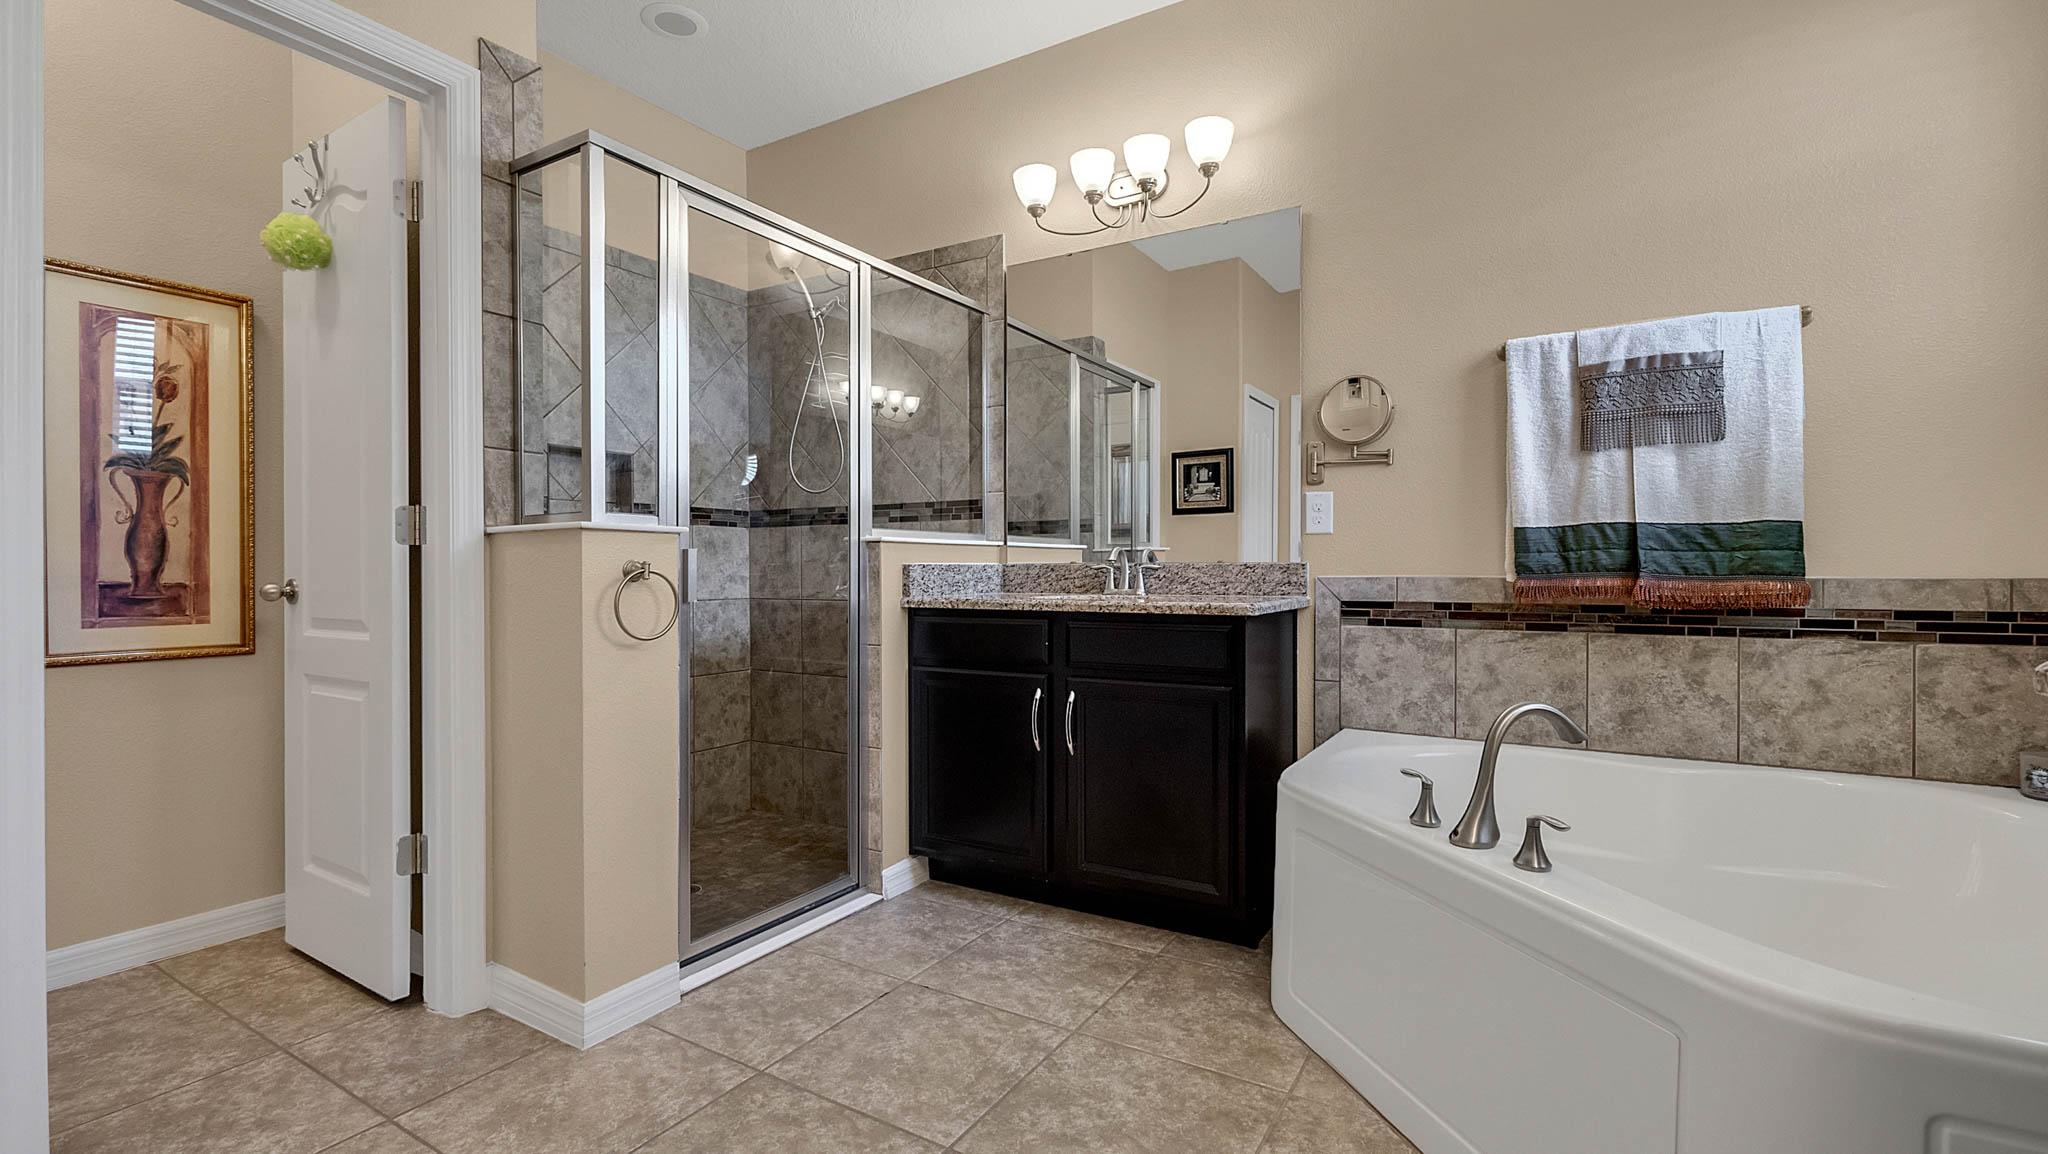 105-W-Cherry-Pl--DeLand--FL-32724----14---Master-Bathroom.jpg